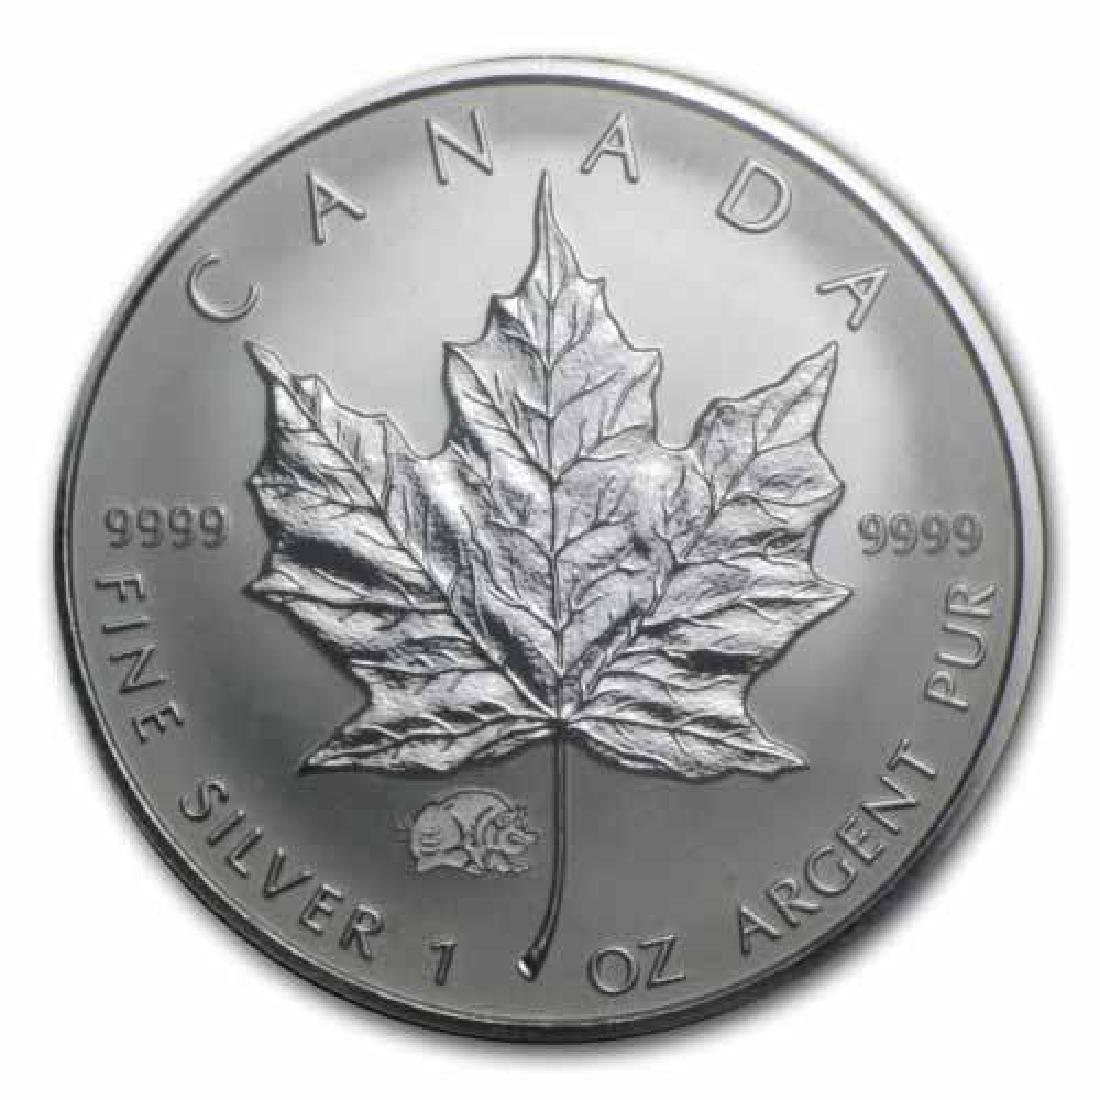 2012 Canada 1 oz. Silver Maple Leaf Reverse Proof Drago